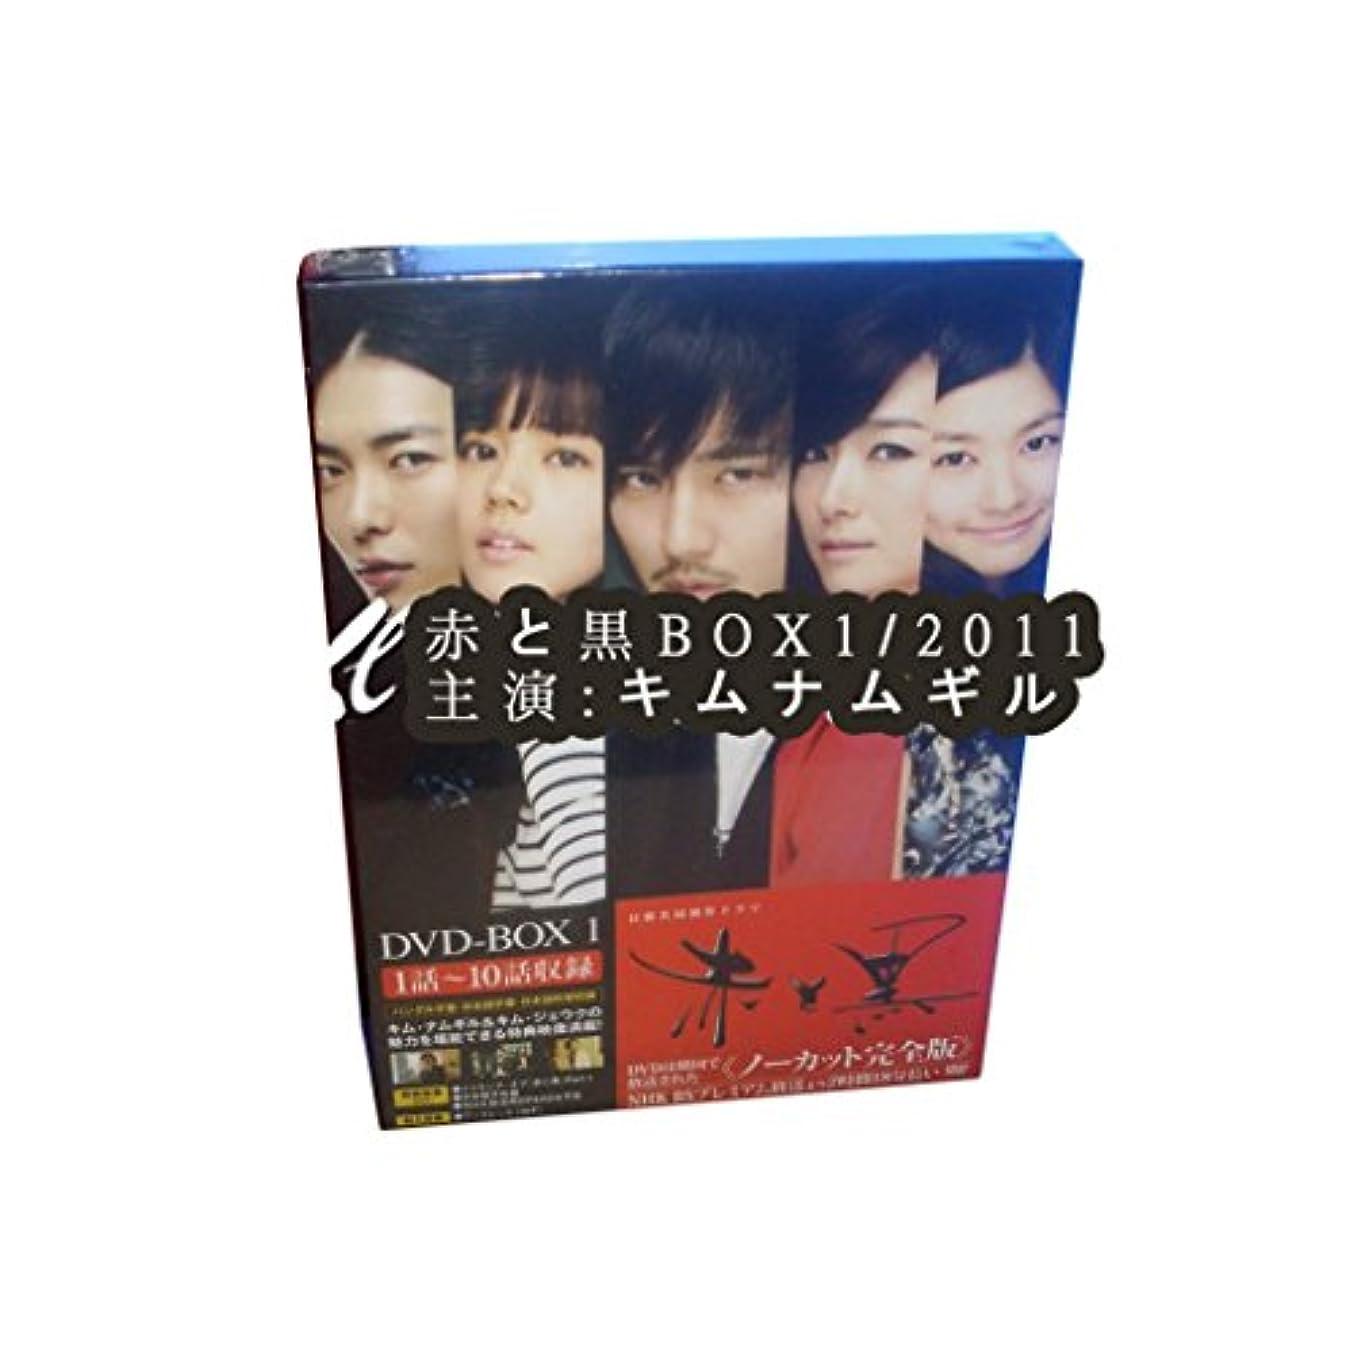 ペンダント移植ホイットニー赤と黒 BOX1 2011 主演: キム?ナムギル